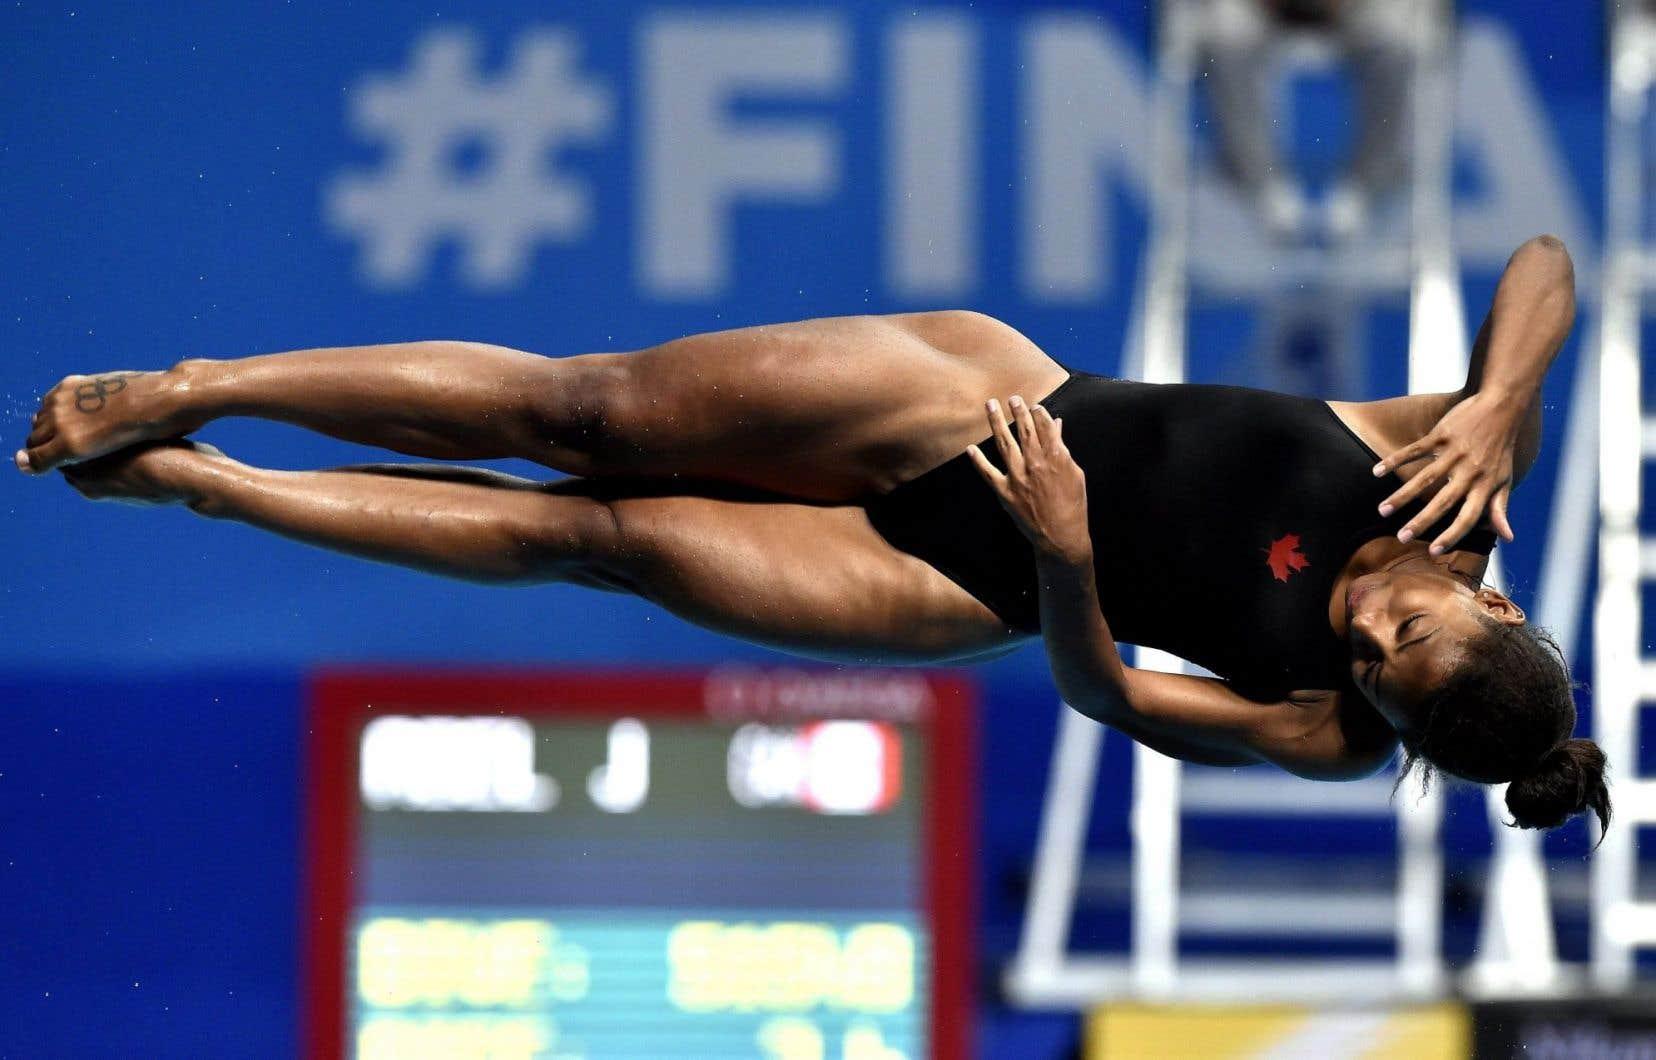 Jennifer Abela terminé en quatrième place avec 337,60 points.